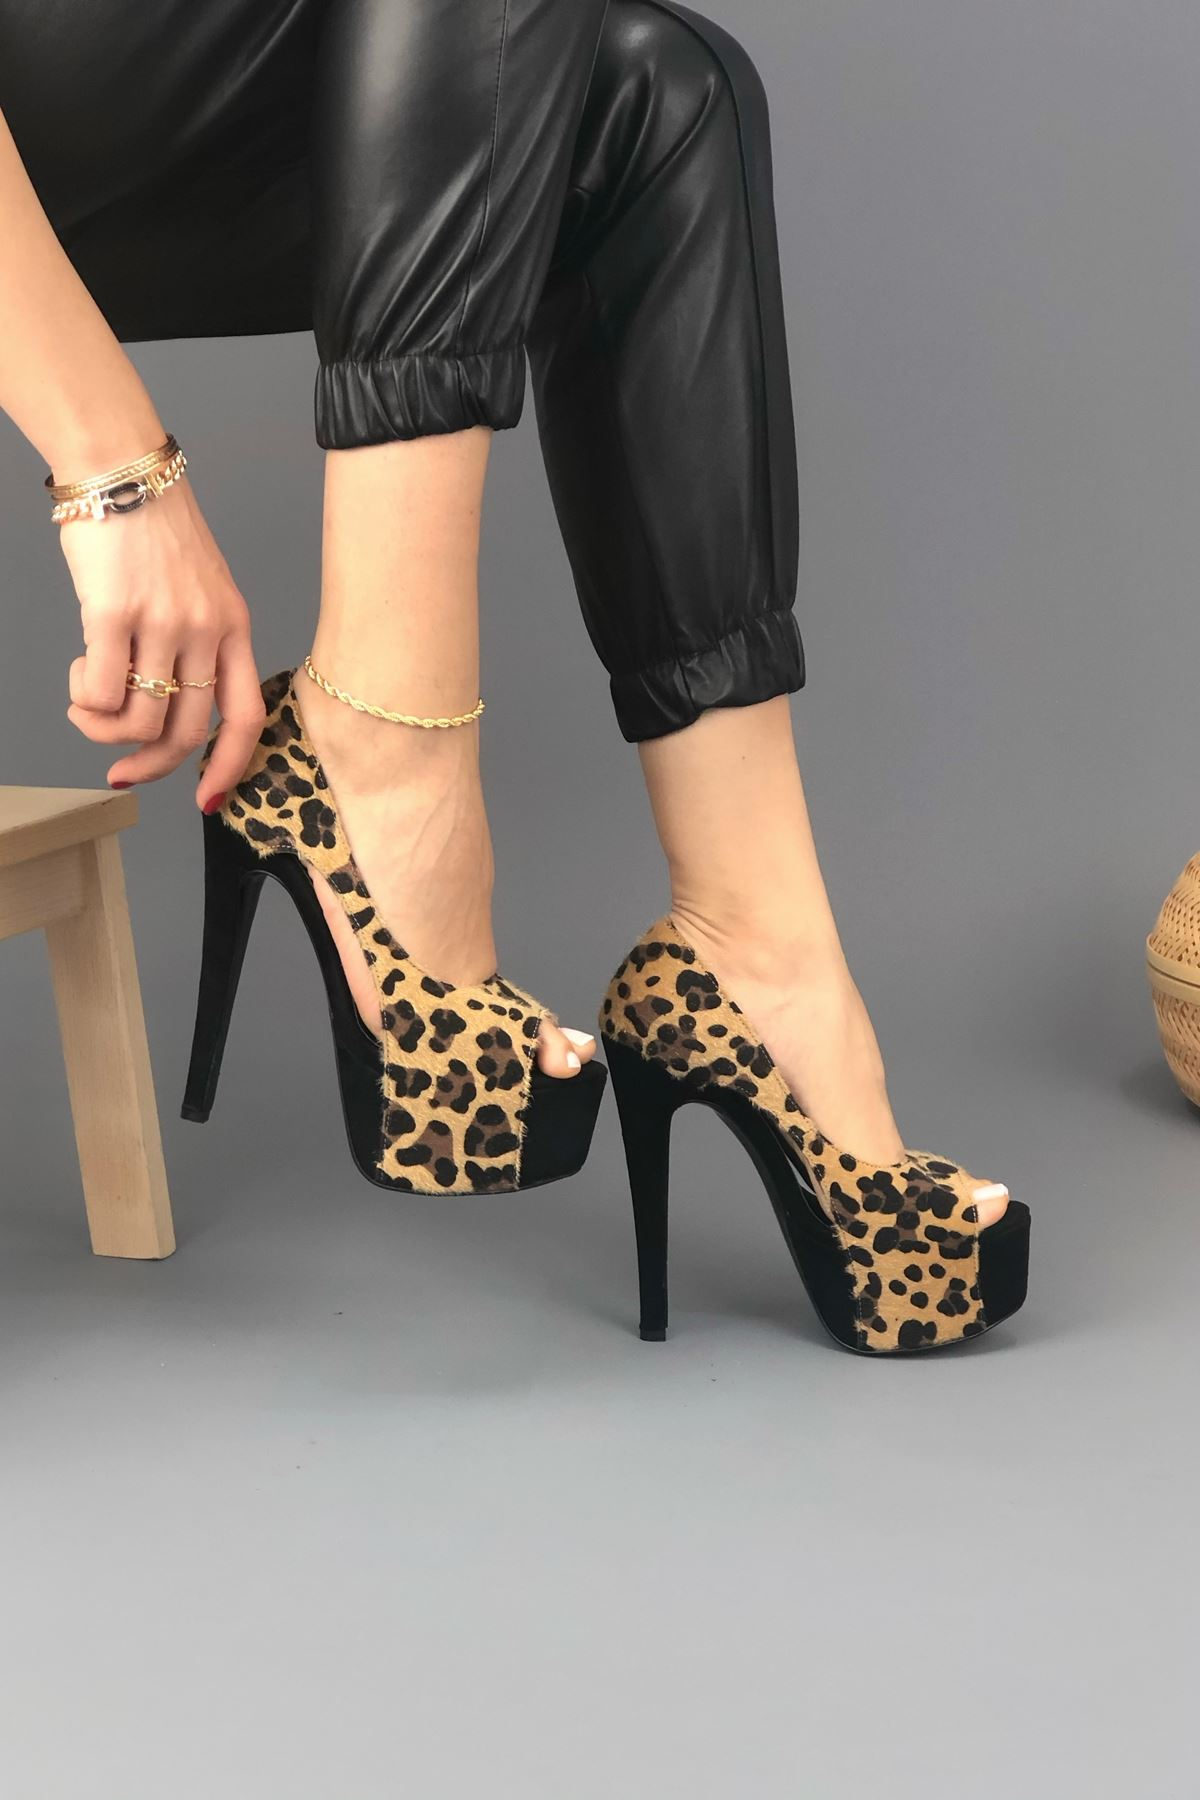 Chloe Siyah Süet Leopar Topuklu Kadın Ayakkabı